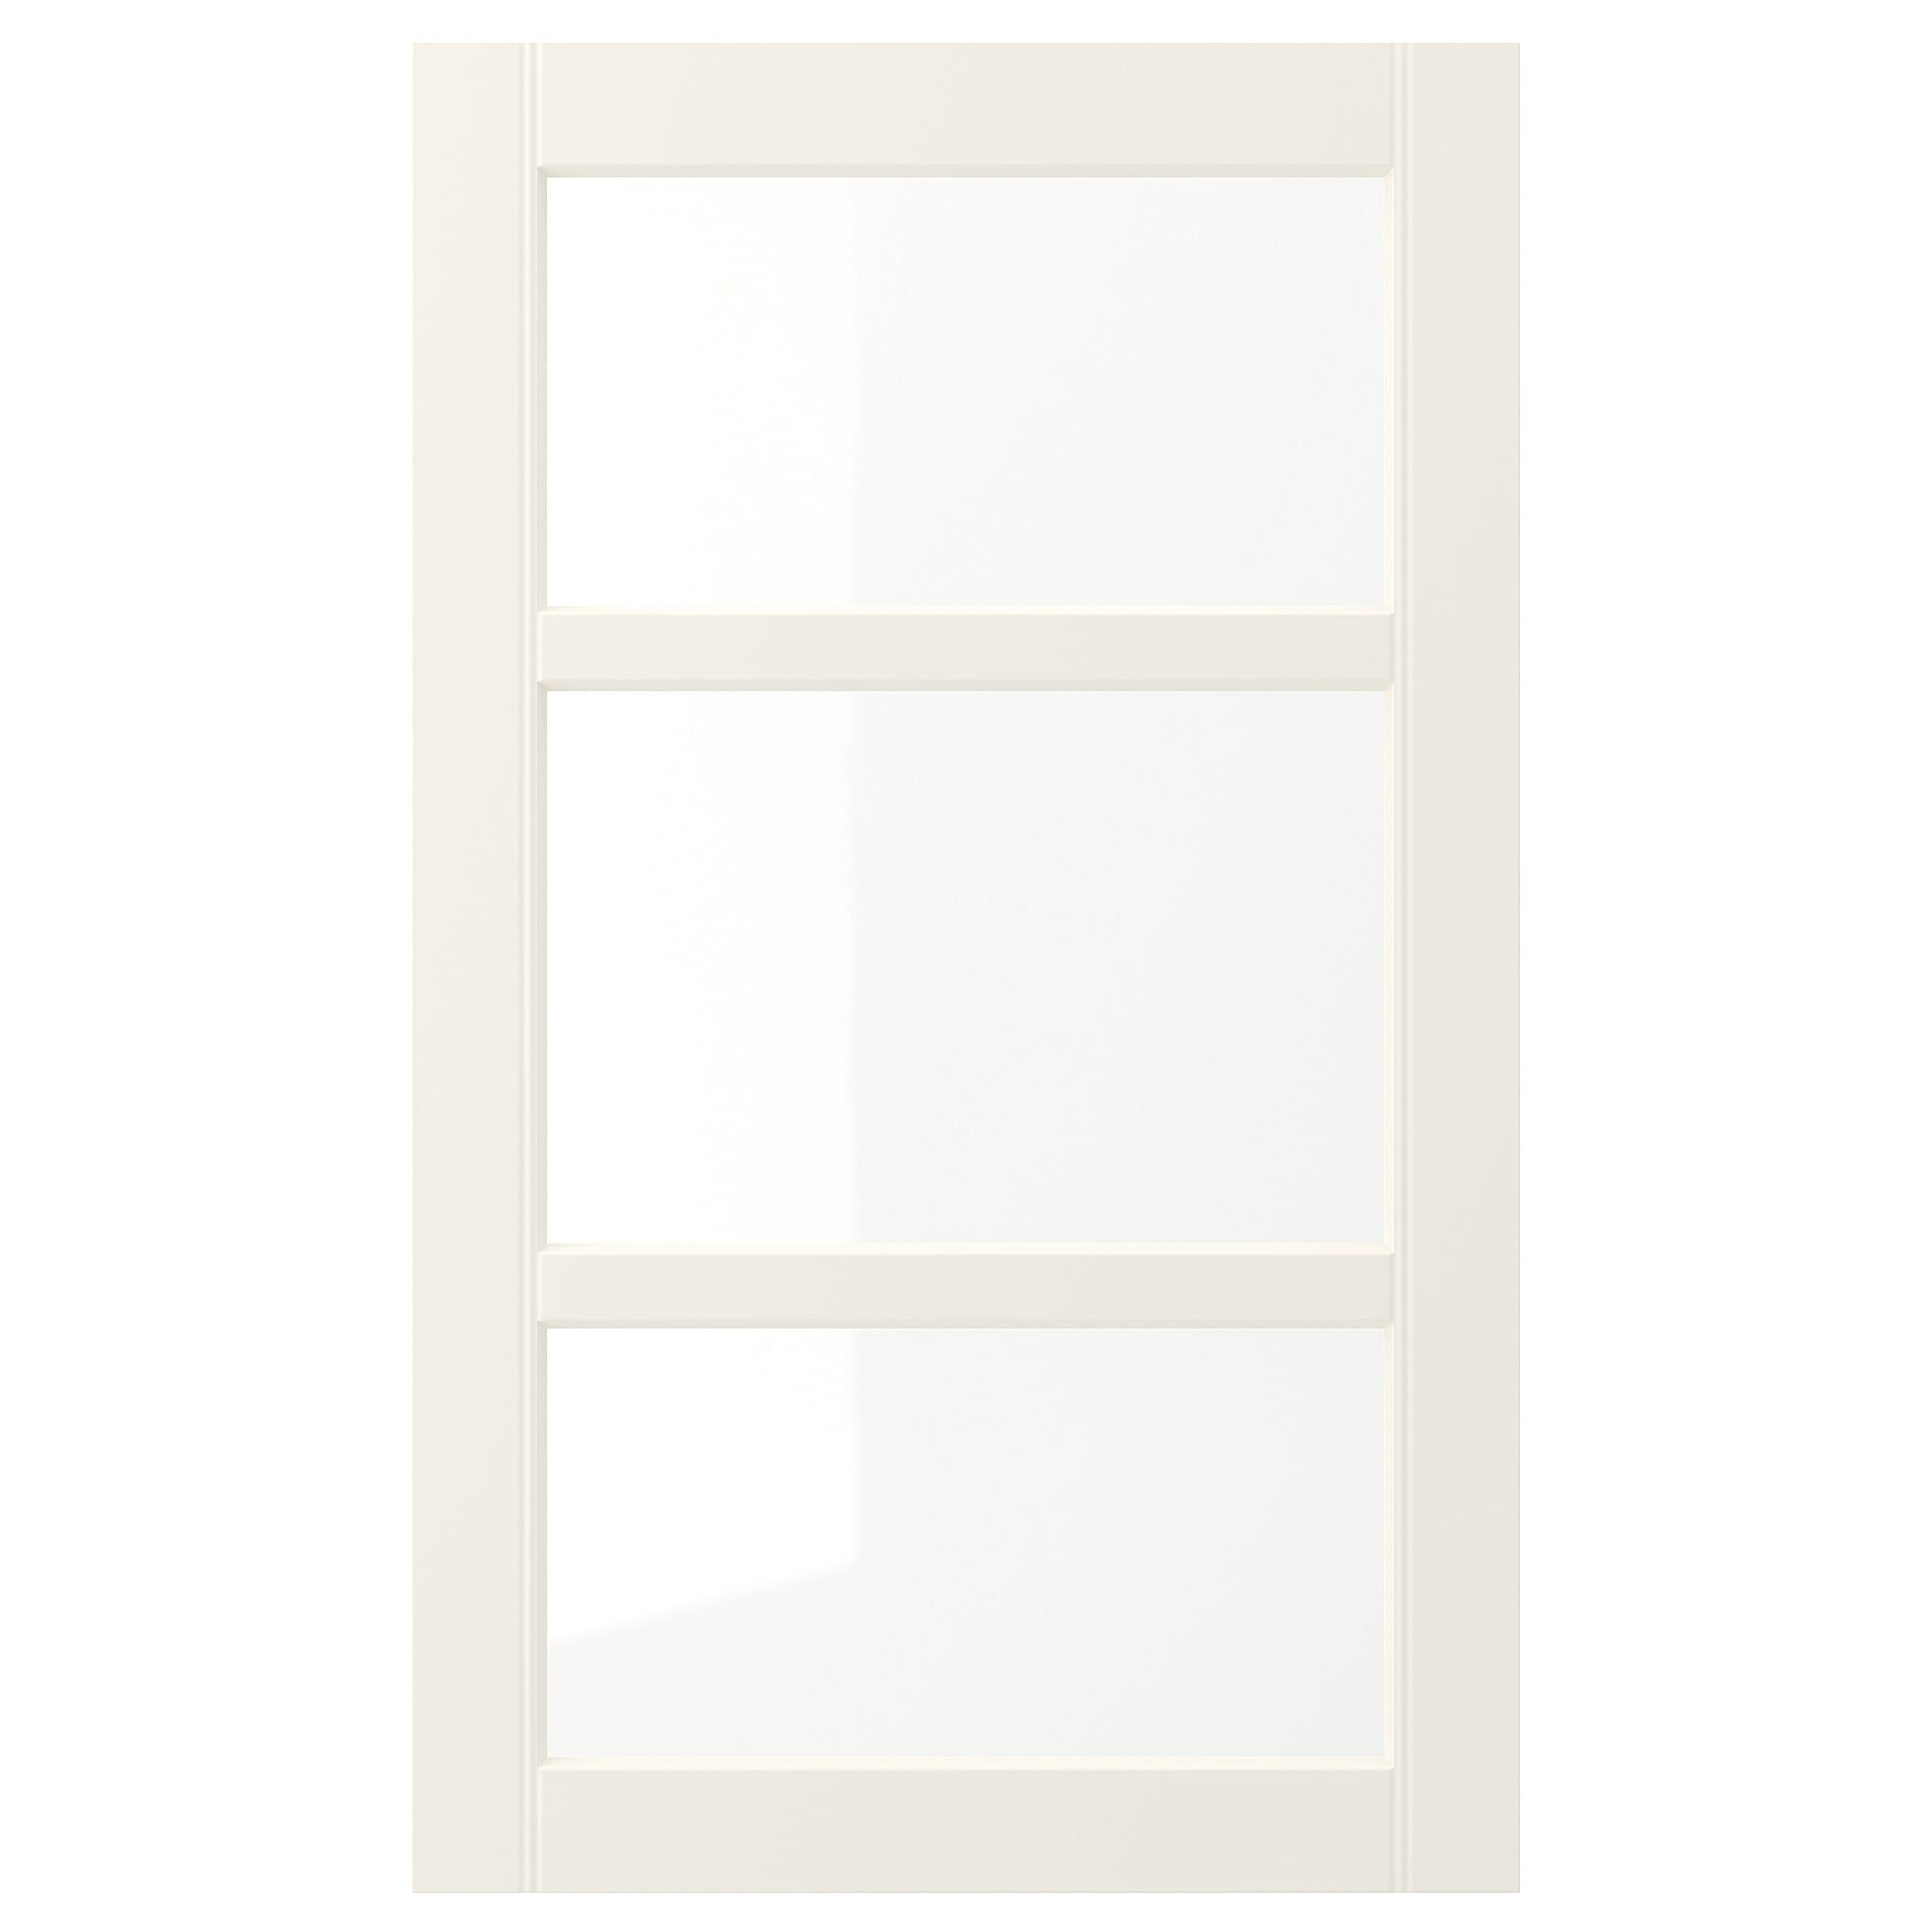 Fond De Hotte Verre Ikea ikea hittarp off-white glass door | glass door, ikea